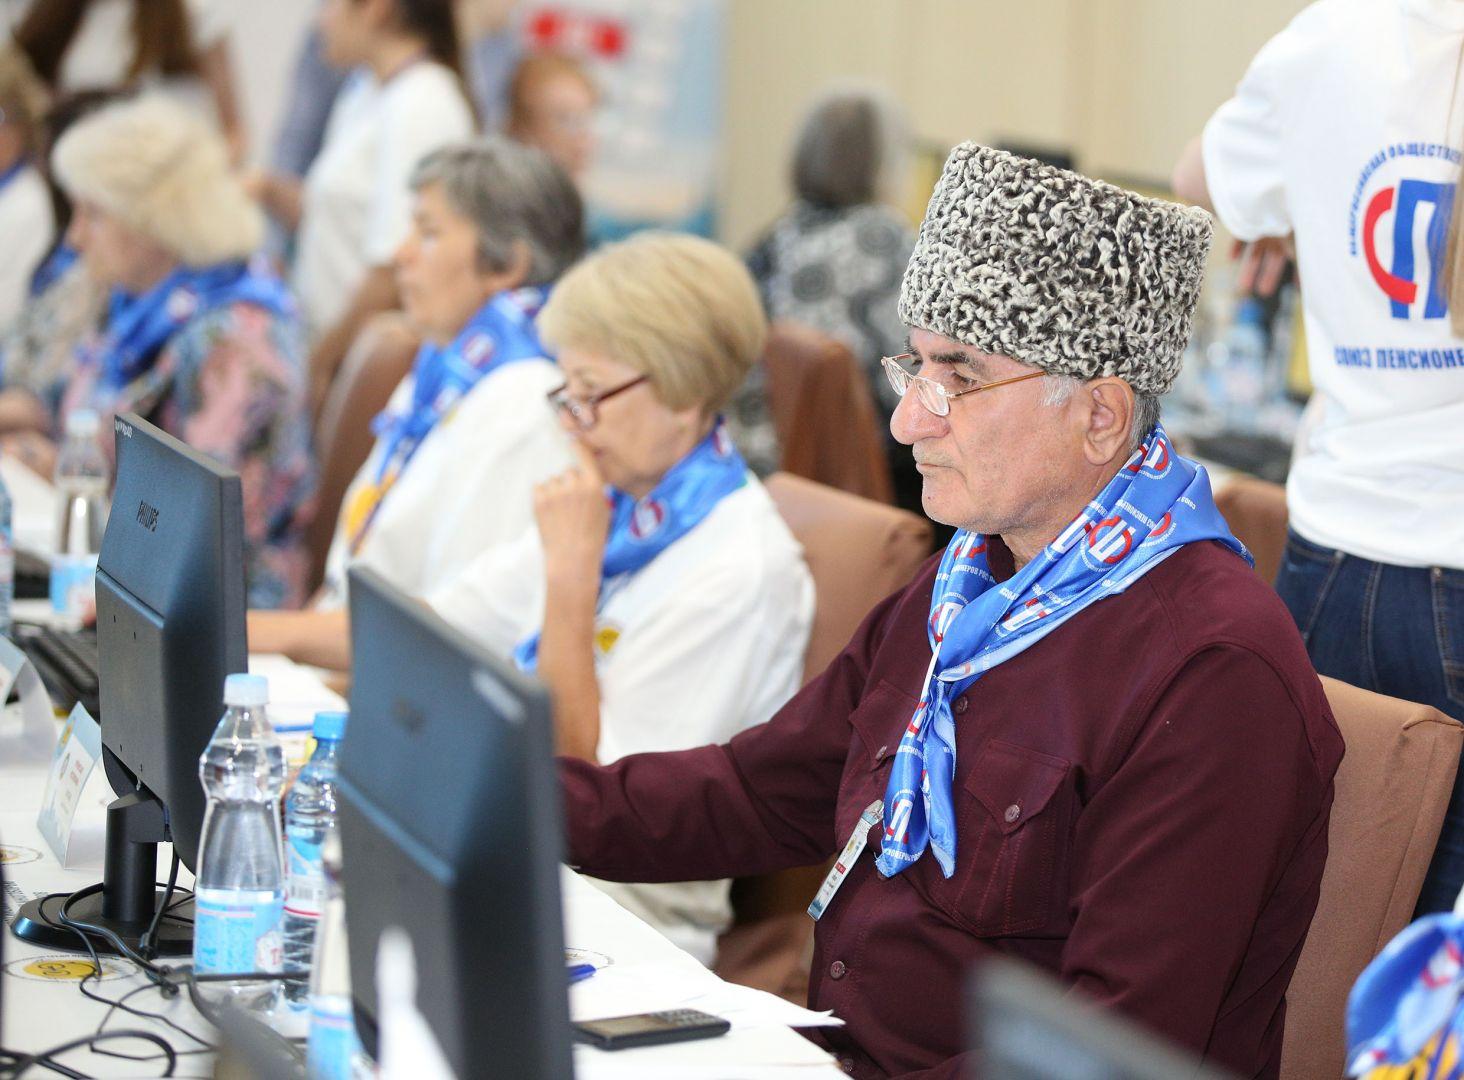 Ставропольские пенсионеры стали призёрами Всероссийского чемпионата по компьютерному многоборью